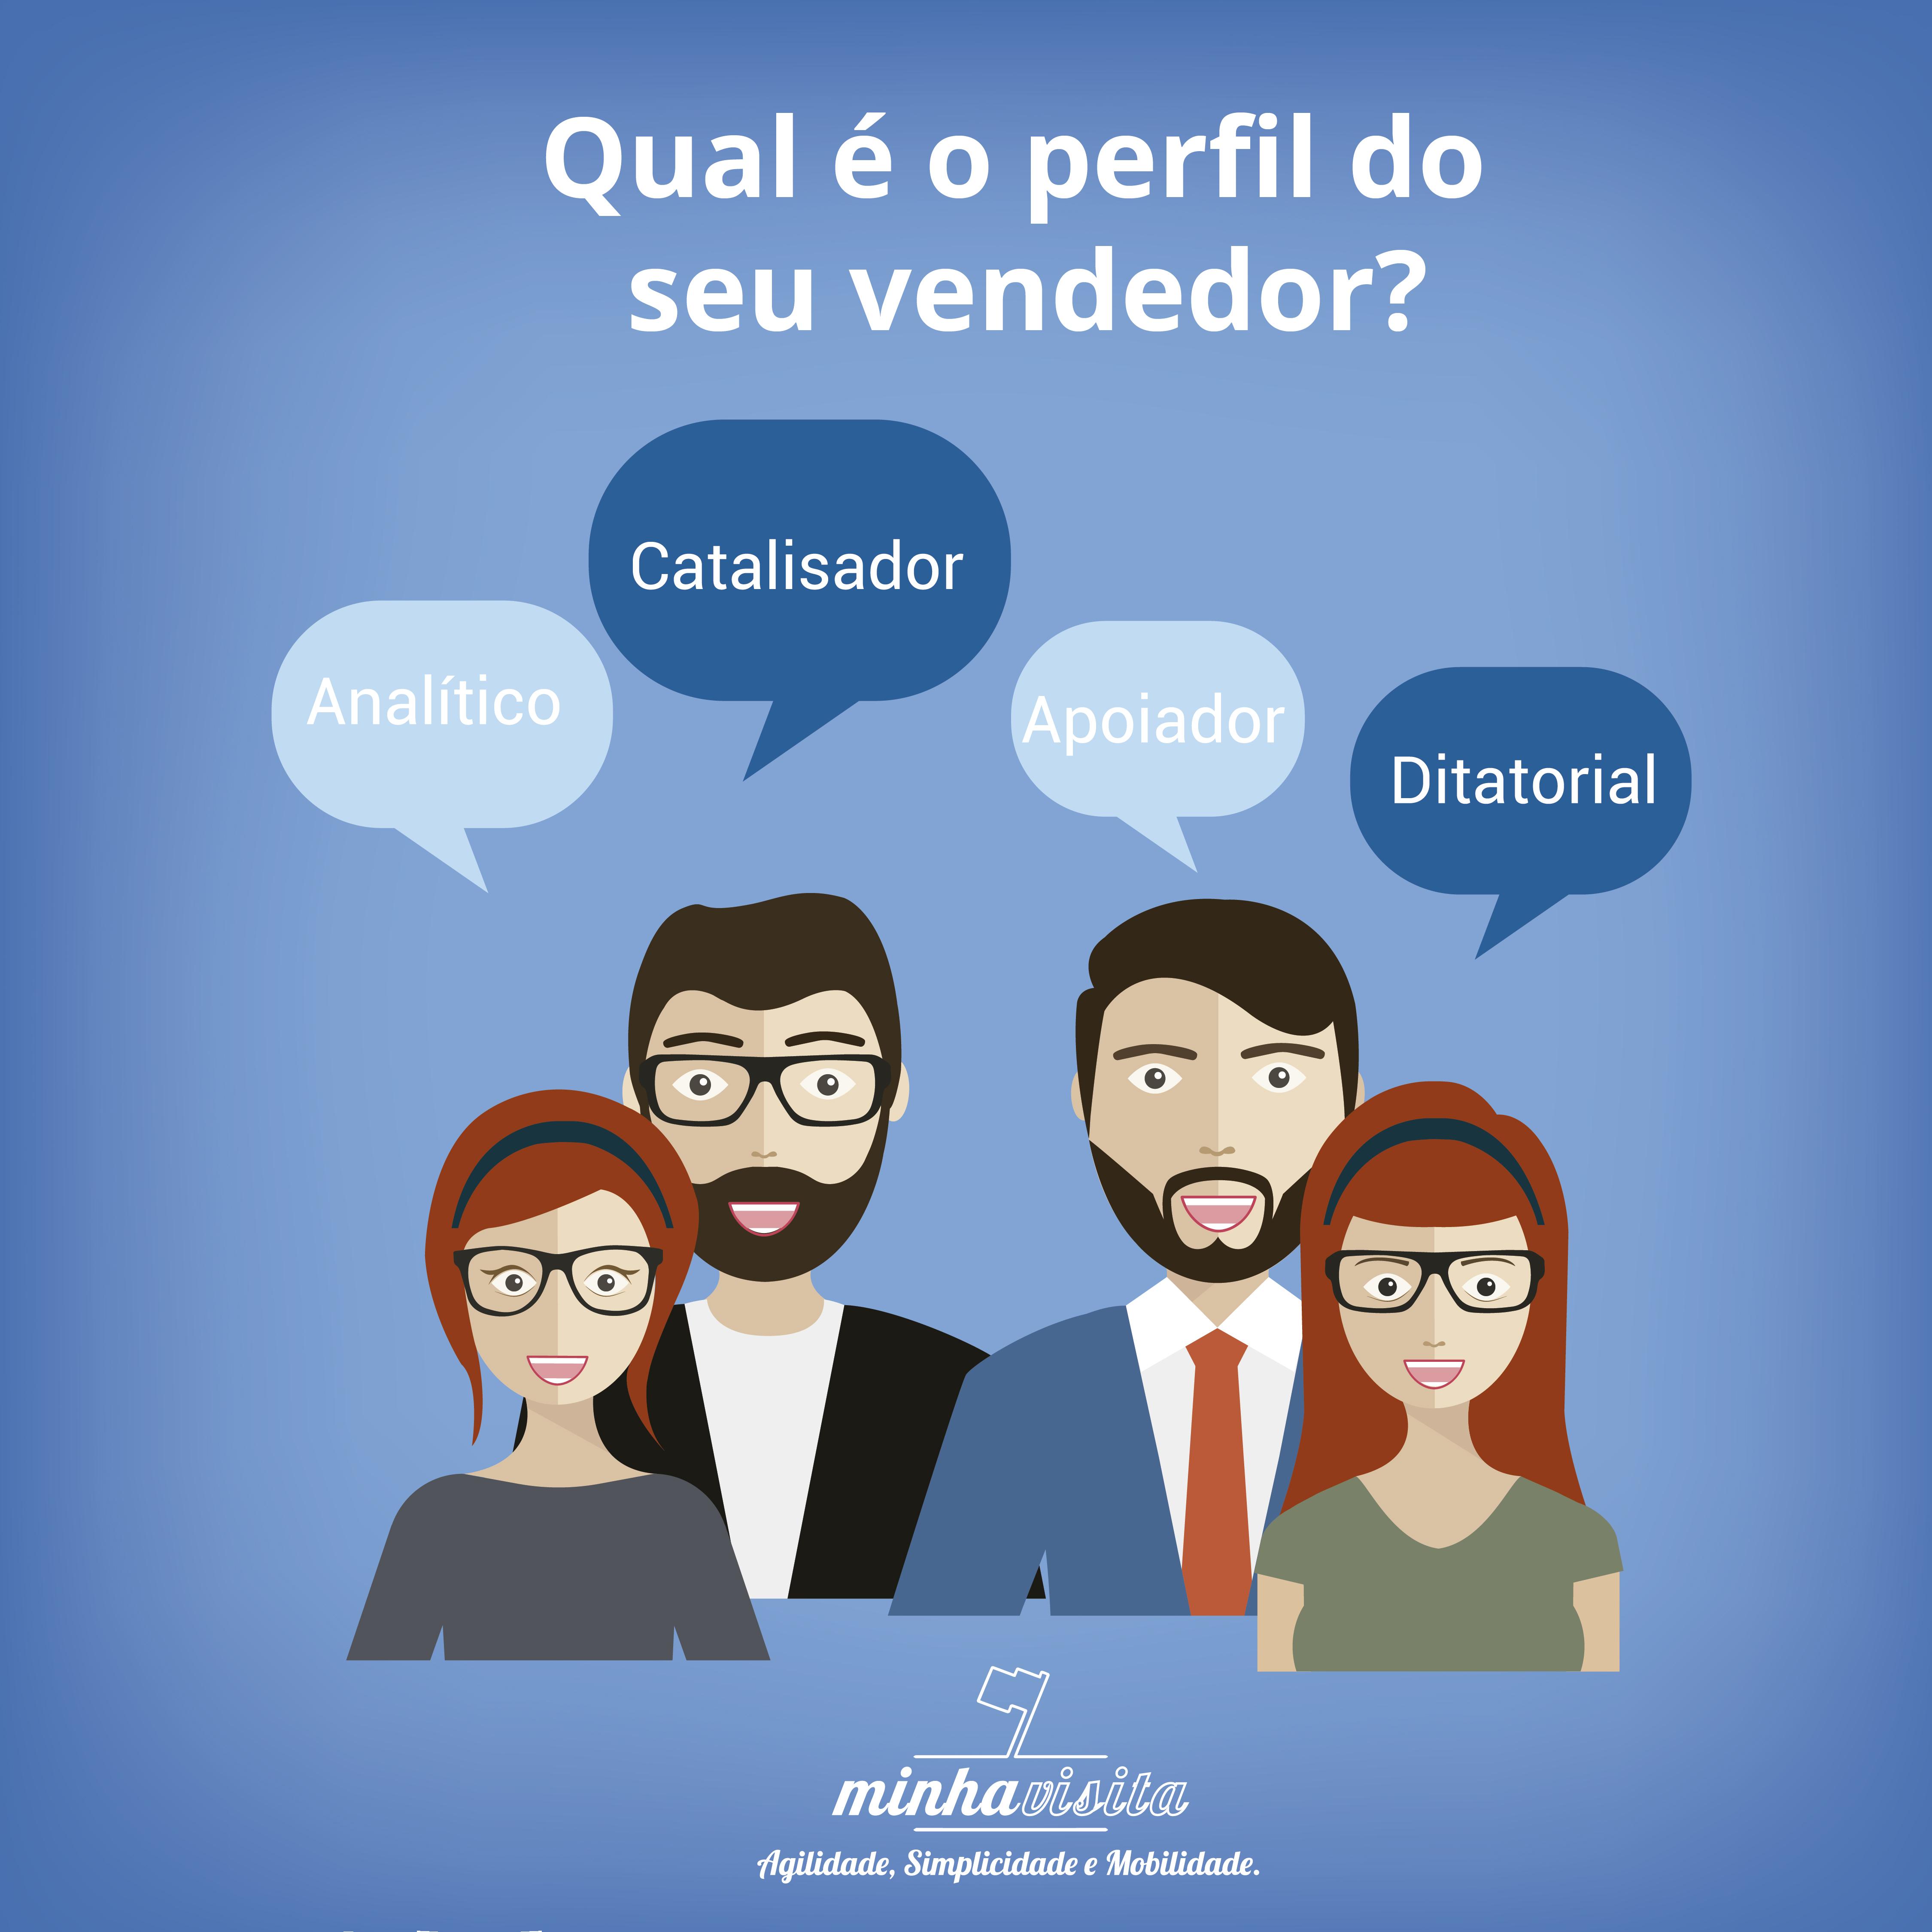 #Qual é o perfil do seu vendedor?